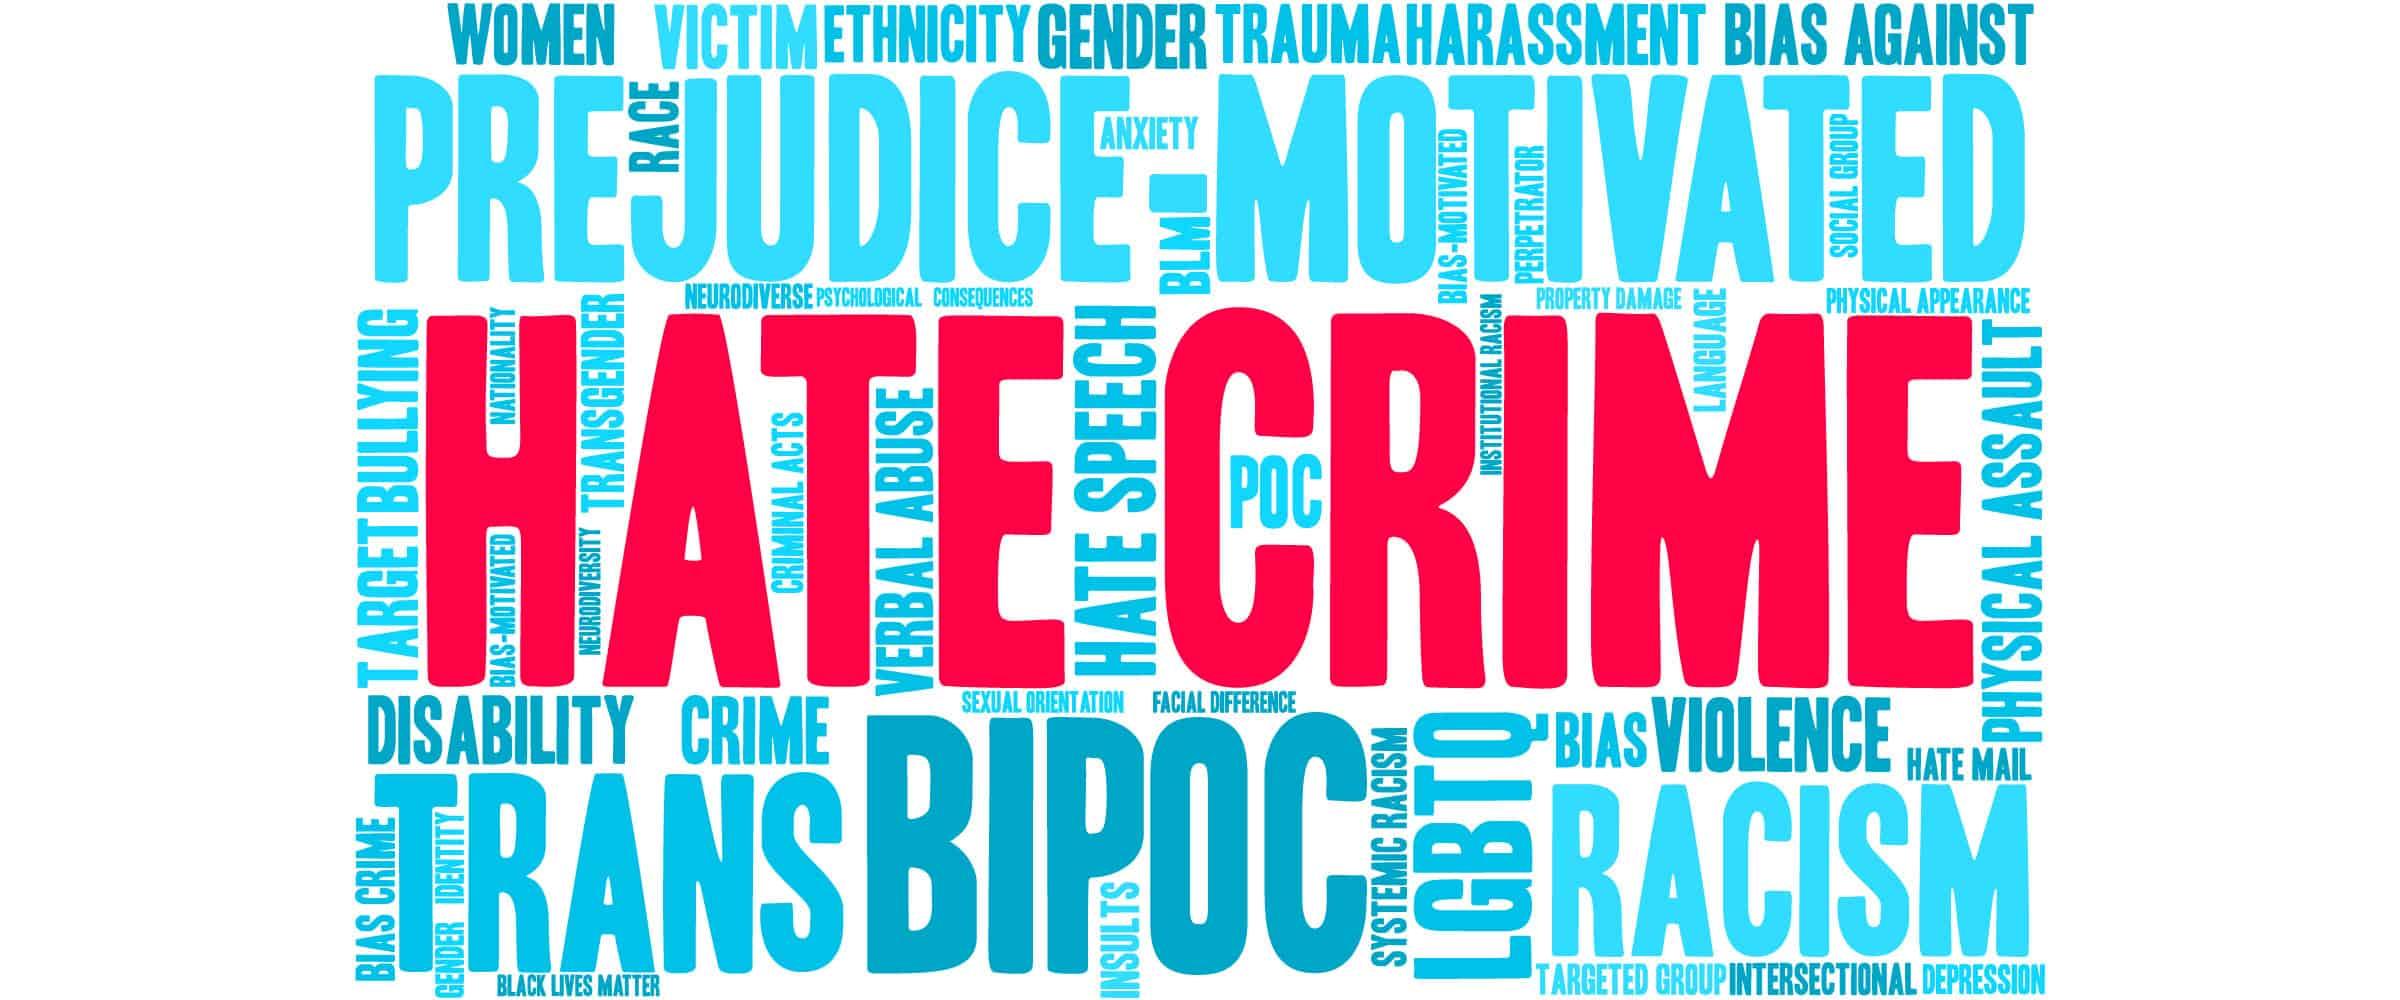 hate crimes blog website header